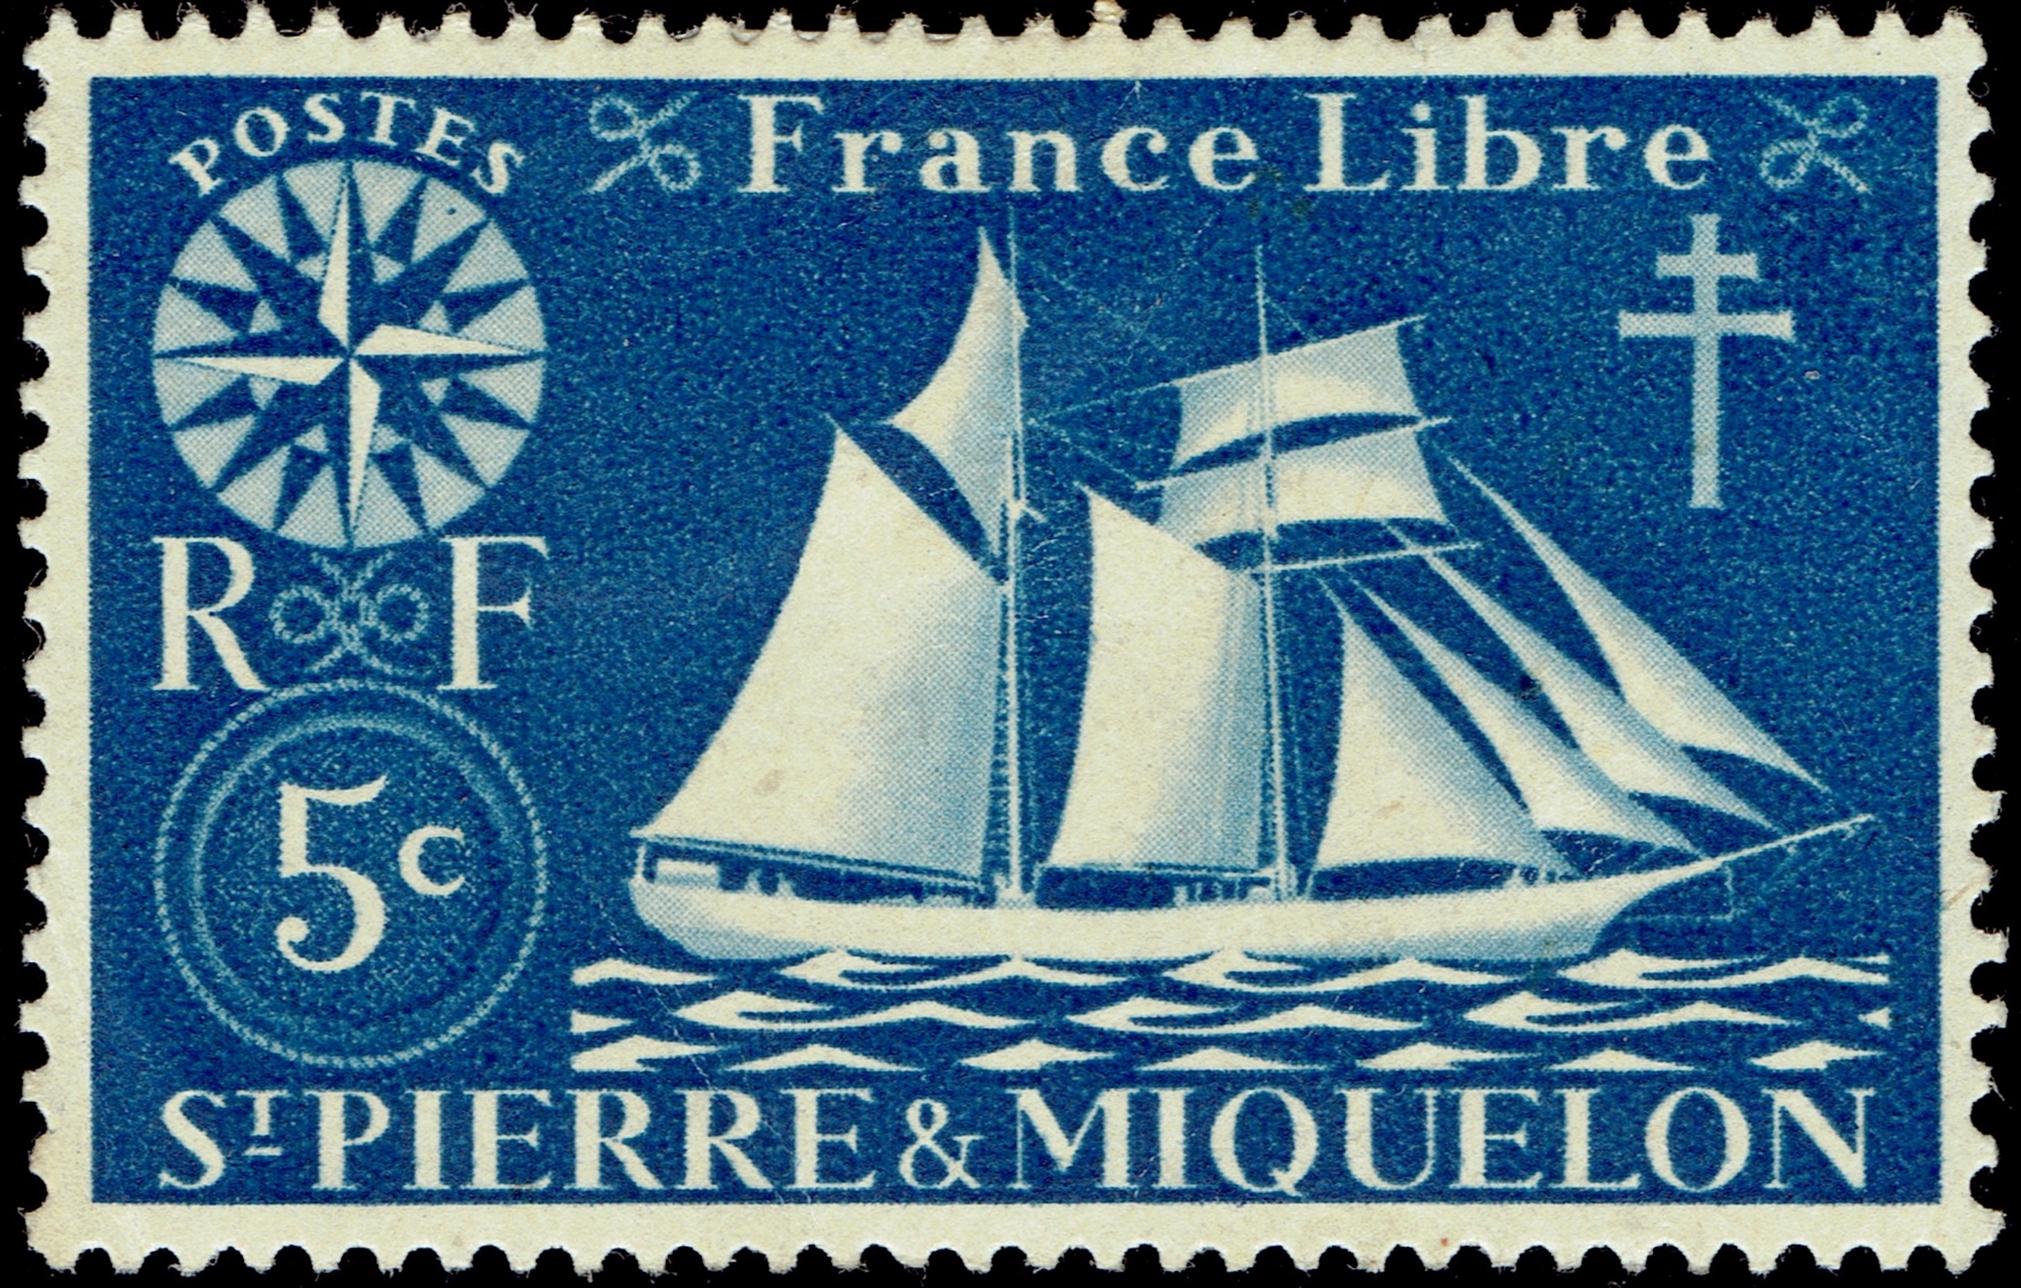 St. Pierre & Miquelon #300 (1942)